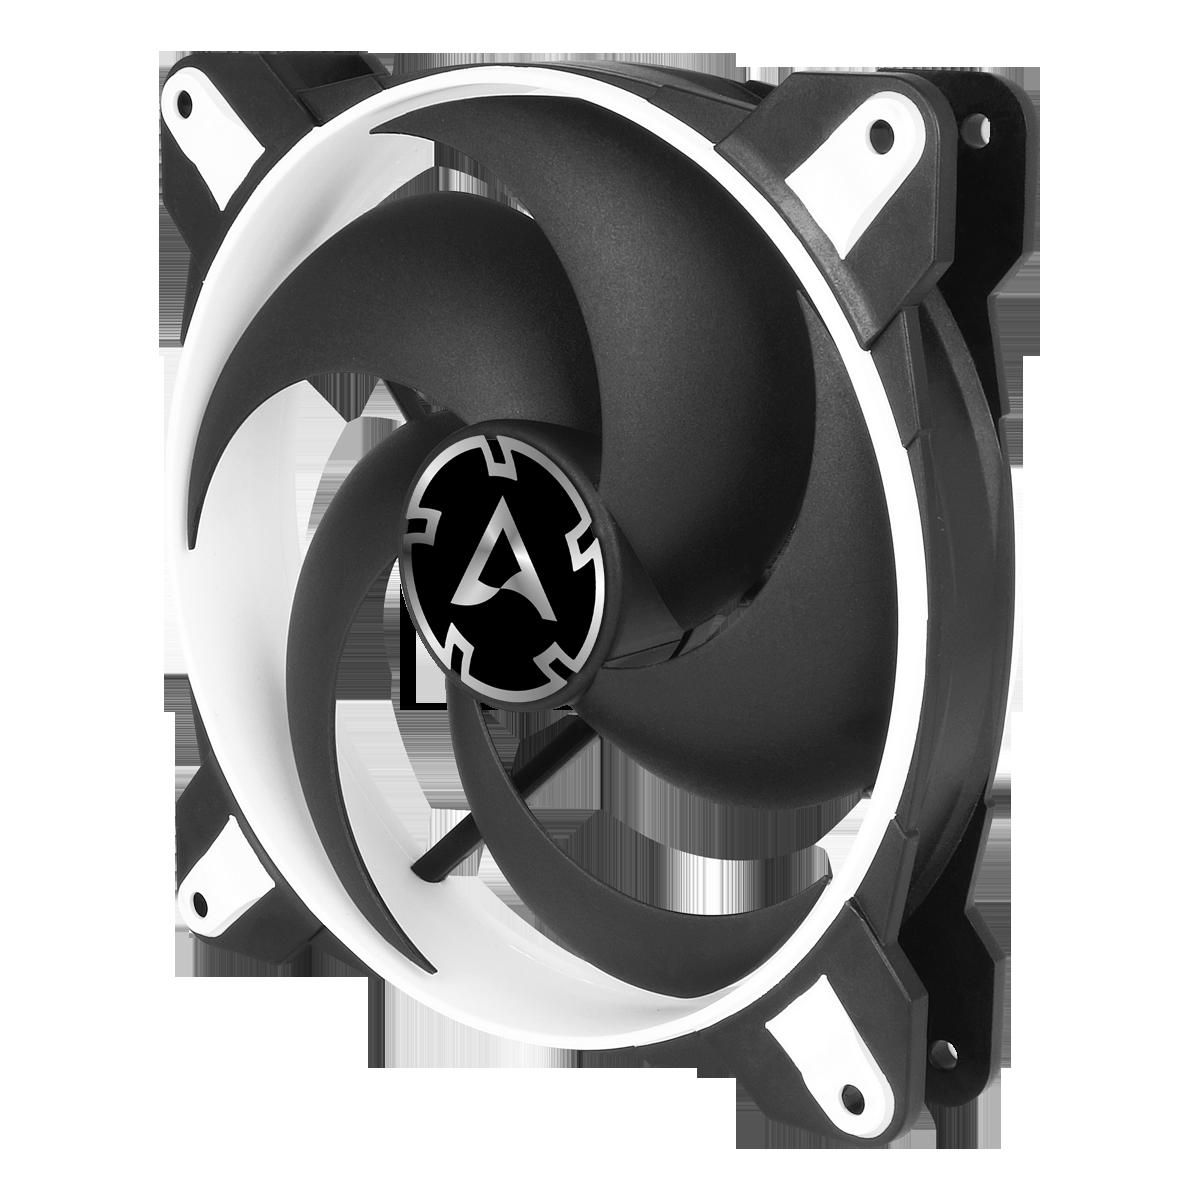 140 mm Gaminglüfter optimiert für statischen Druck ARCTIC BioniX P140 | Weiß